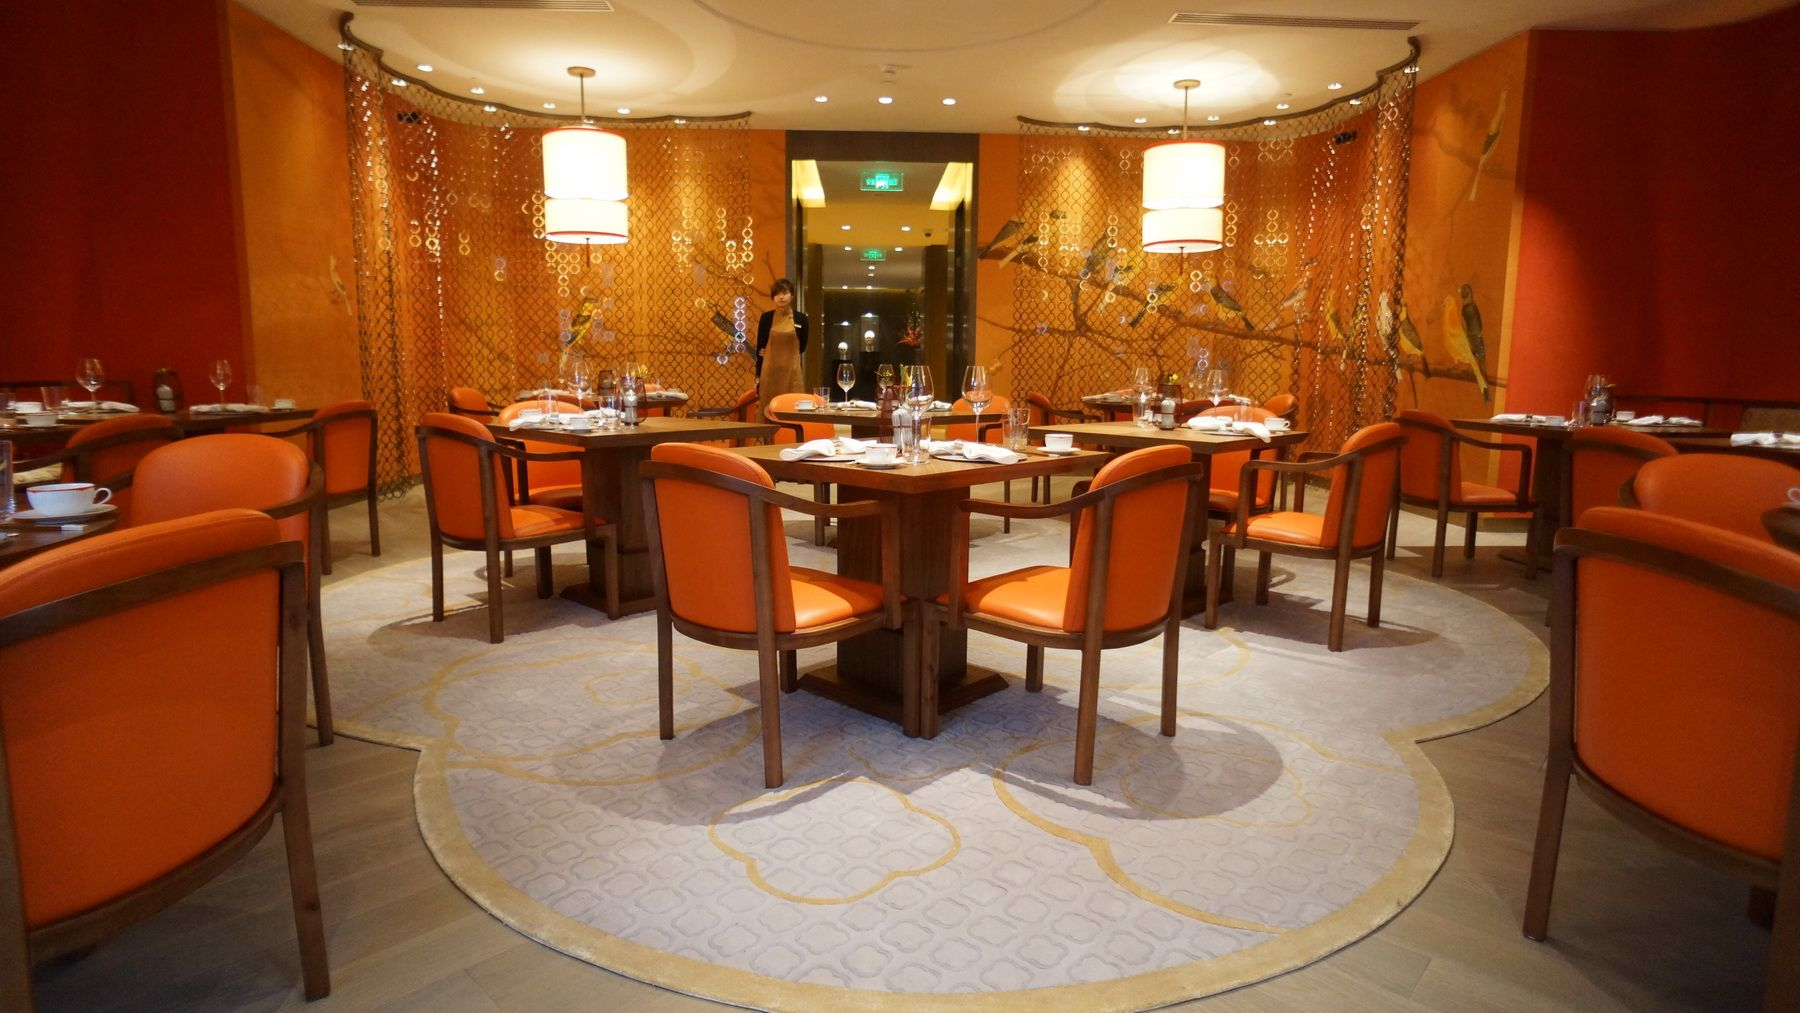 Waldorf-BEIJING chinese restaurant | F&B | Pinterest | Chinese ...